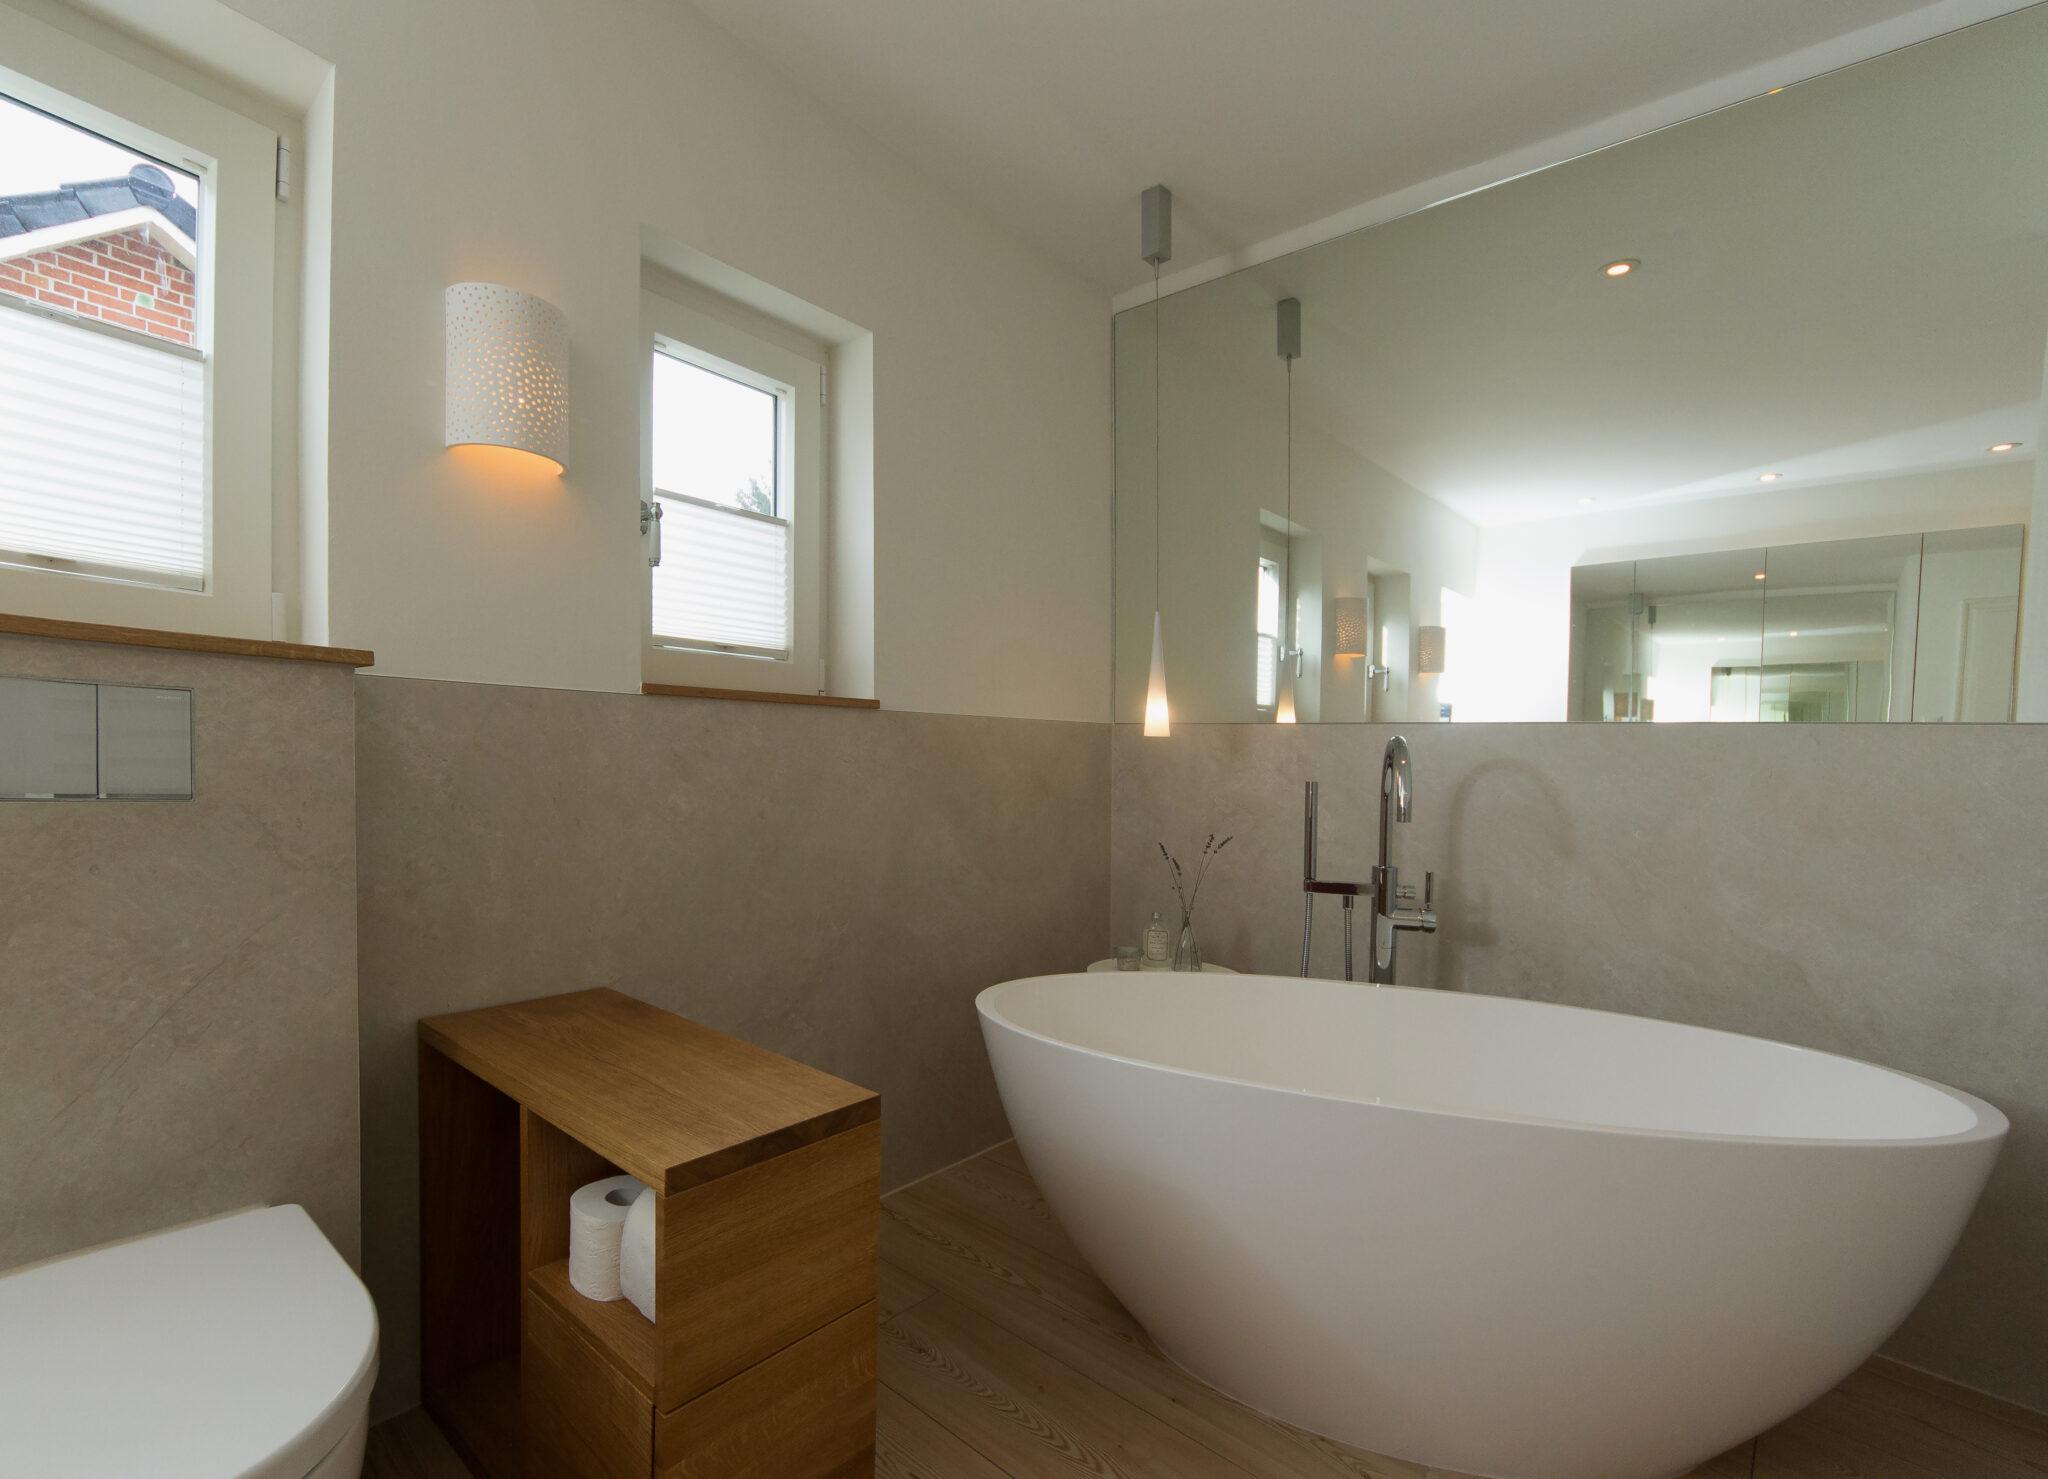 Badezimmer mit freistehender Badewanne und Dusche   BÄDER SEELIG